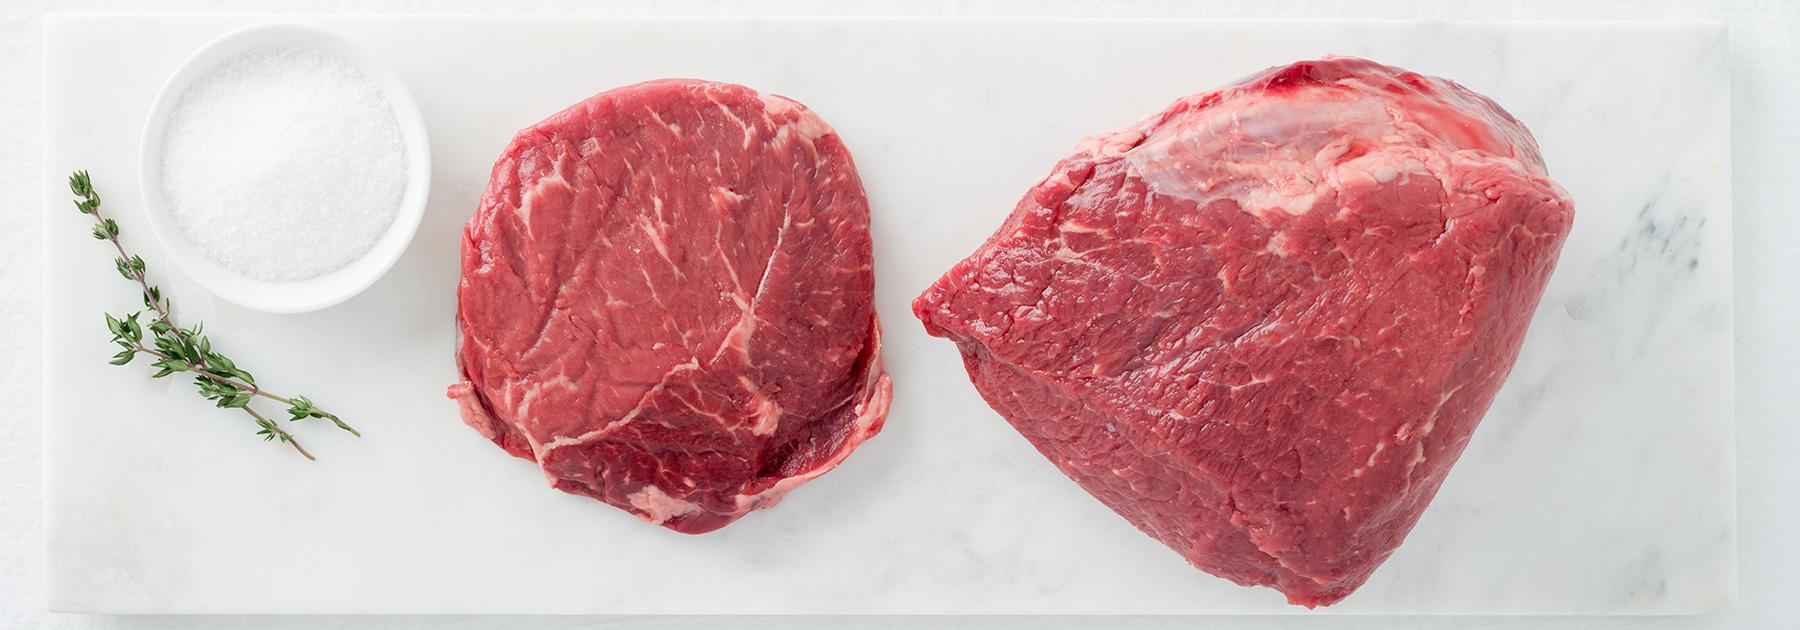 2017-02-01-Beef-042